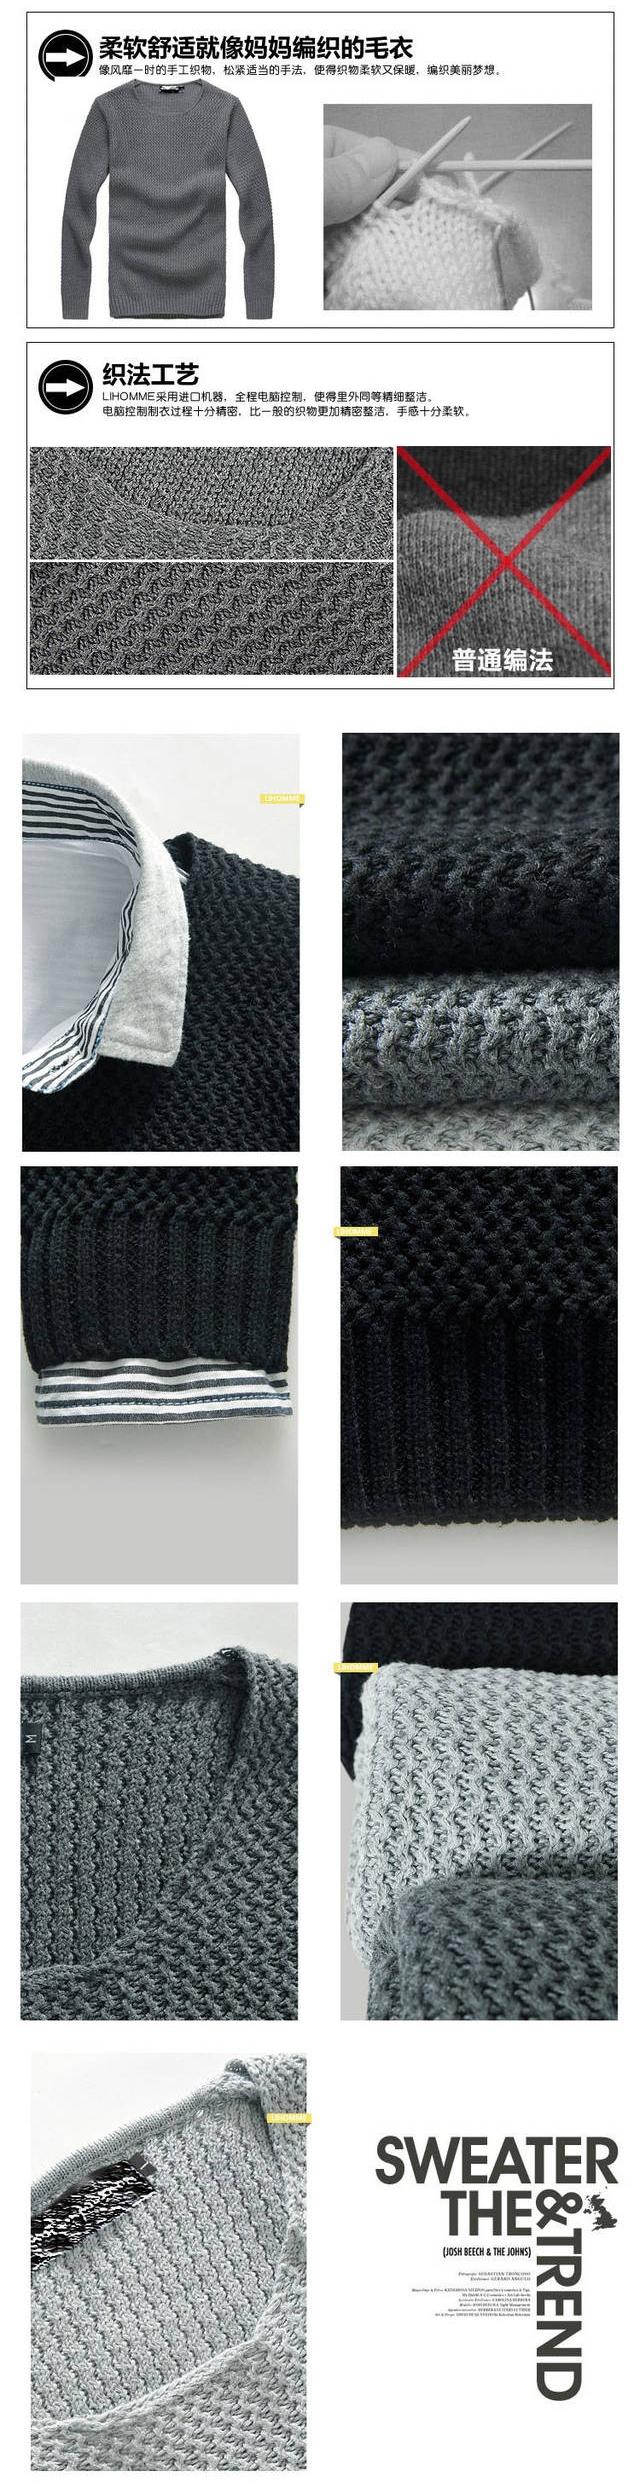 men-vintage-knitwear-sweater-long-sleeve-round-8